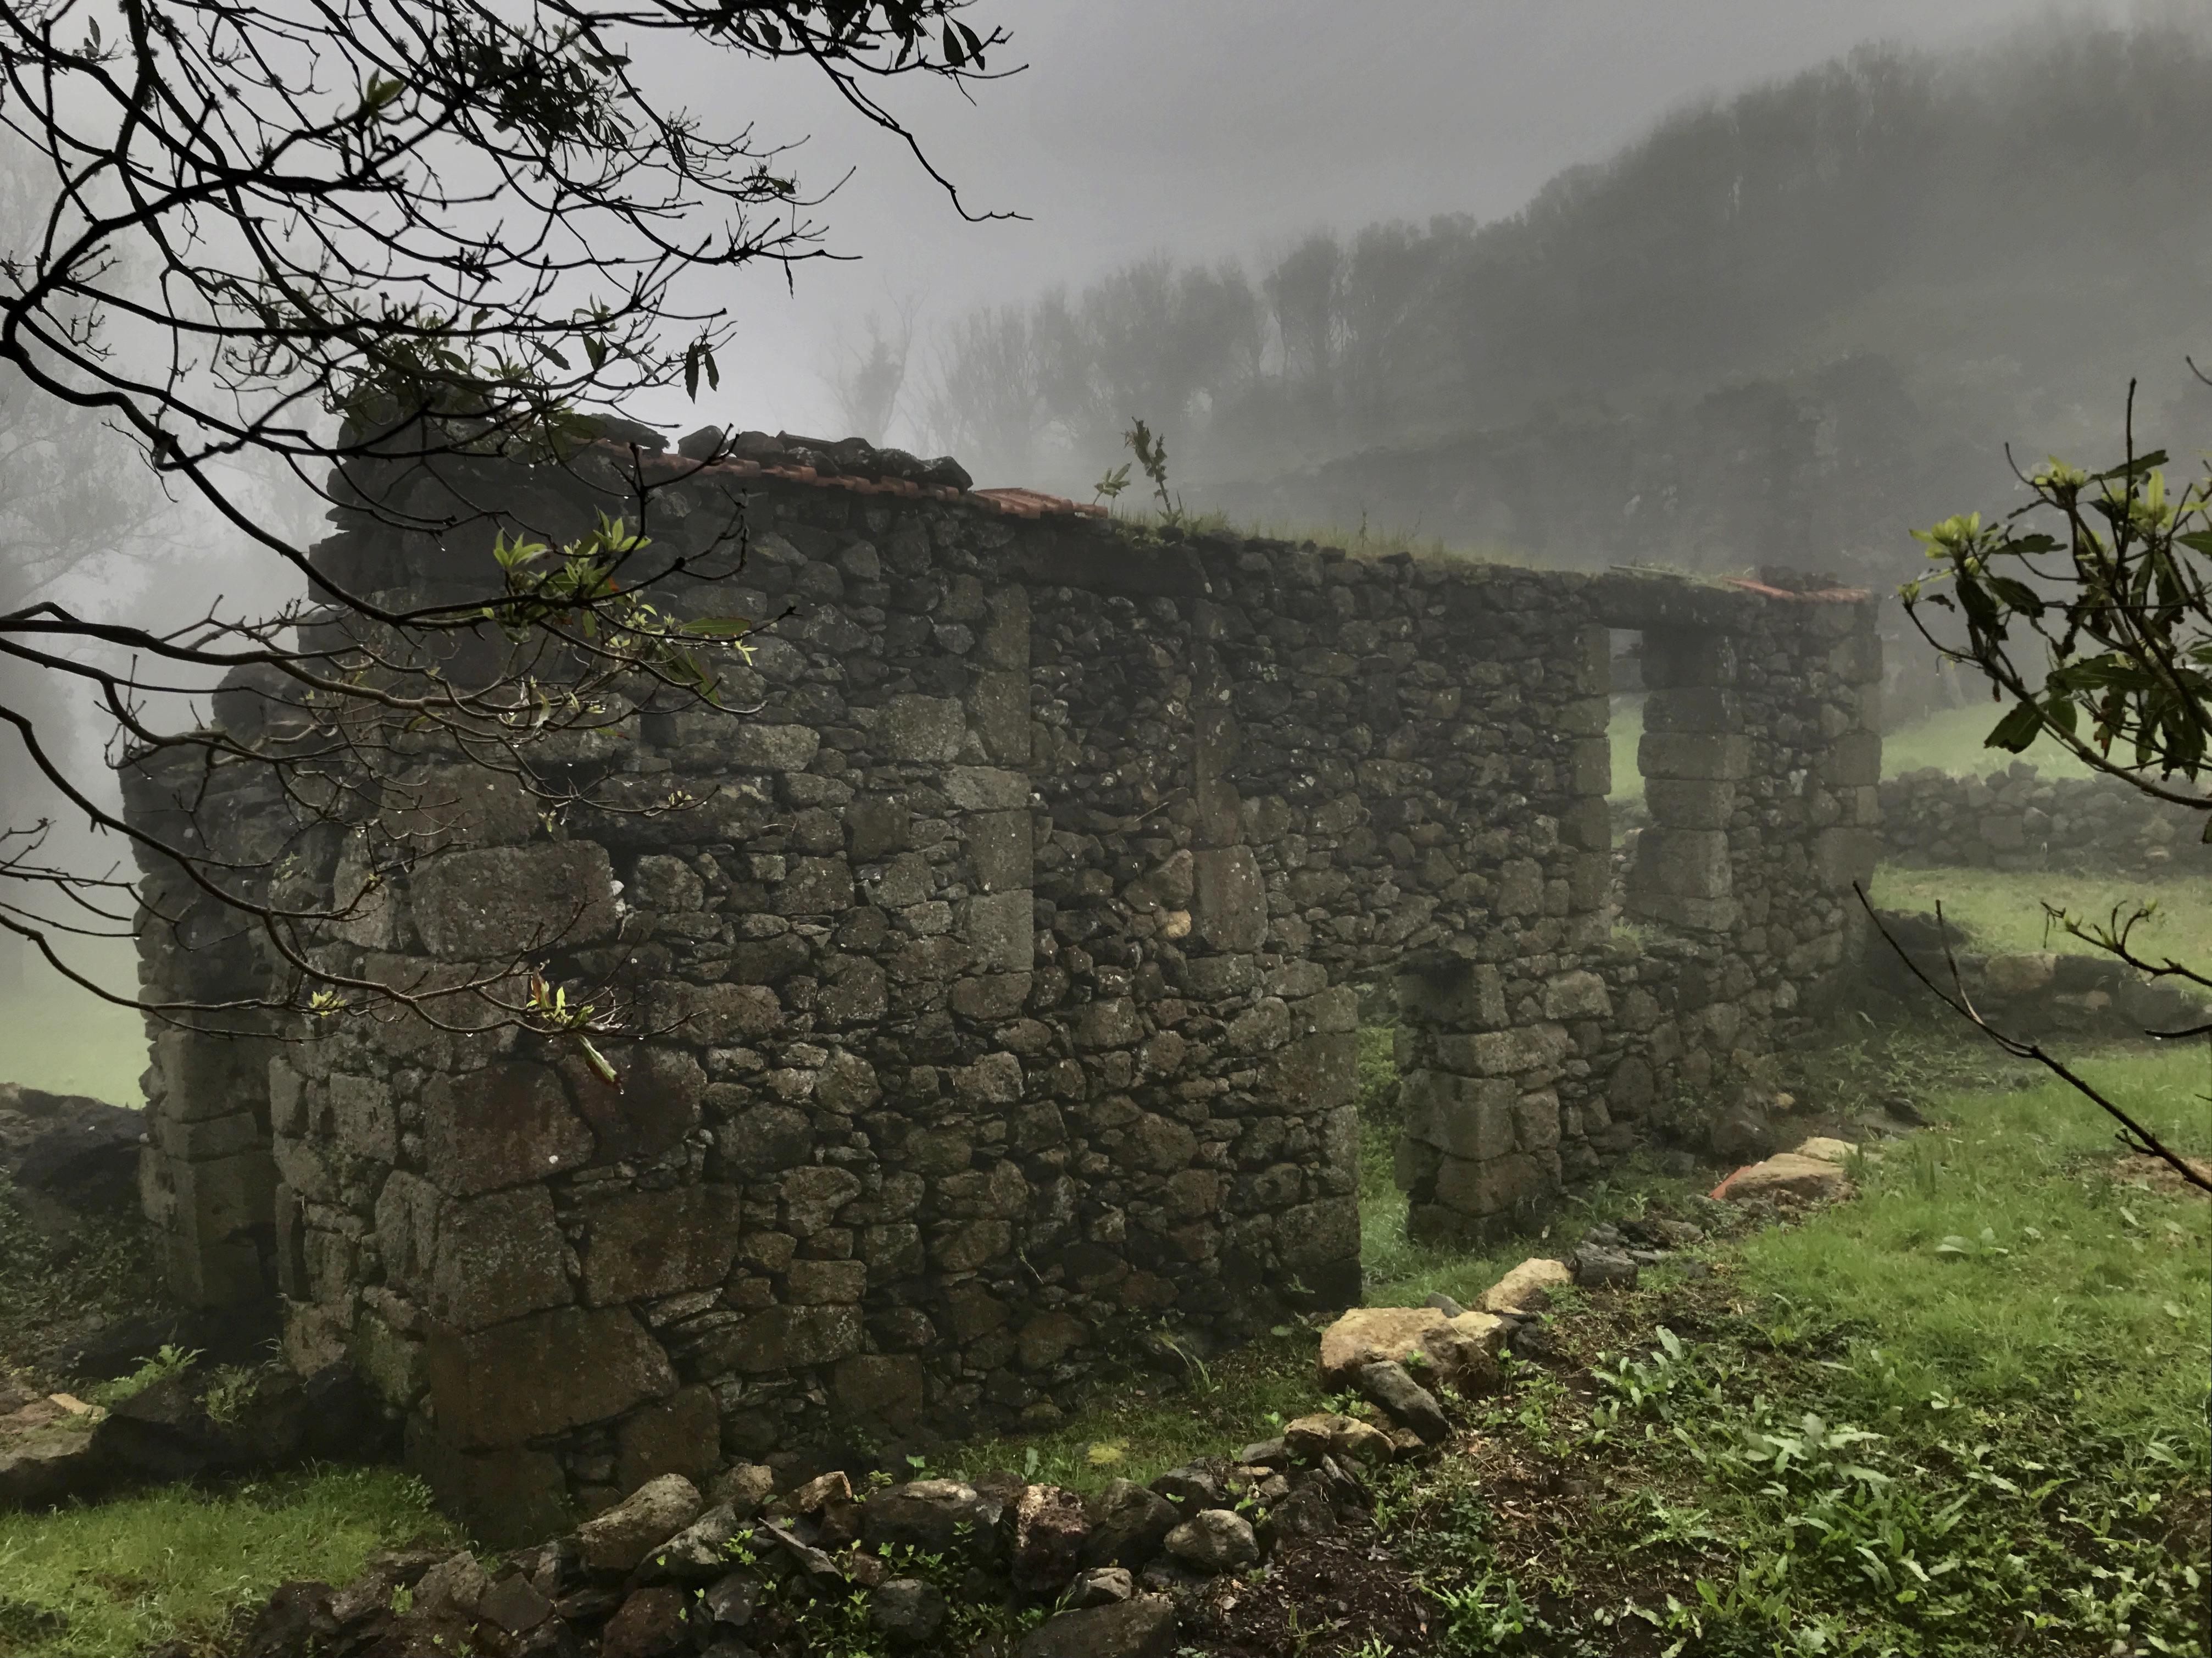 Casa das Levadas under mist